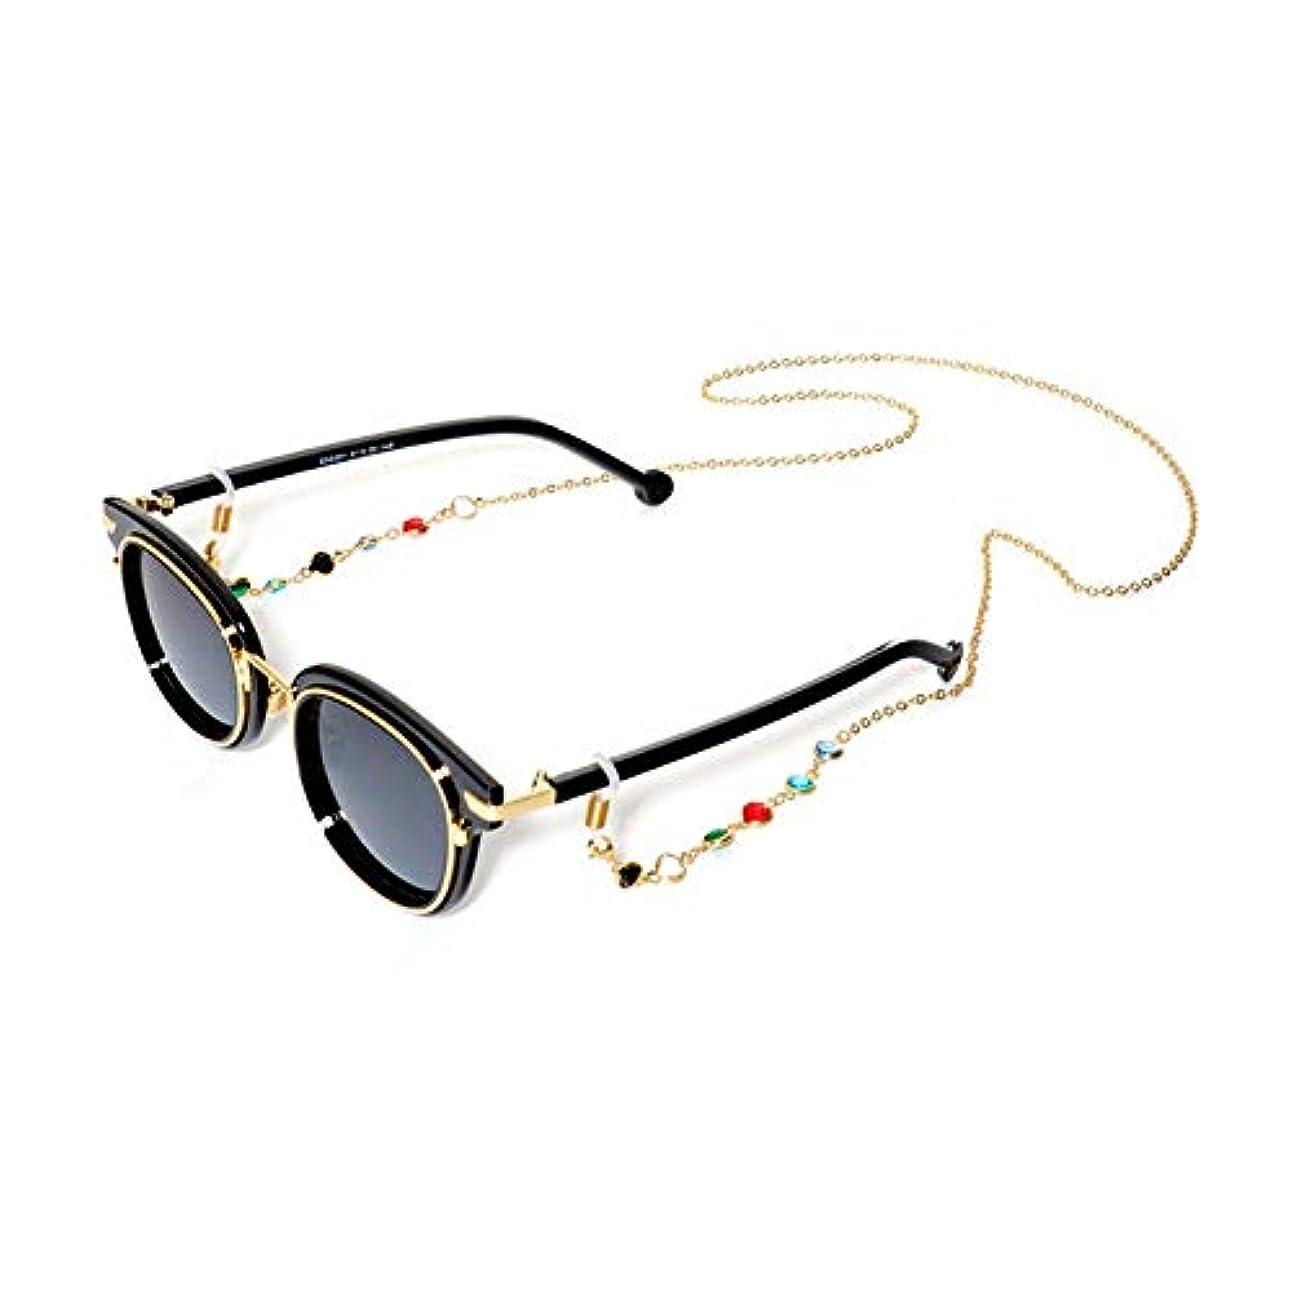 悔い改めるフェロー諸島アソシエイトBSTOPSEL ファッションジェムメガネチェーンメガネ老眼鏡メガネメガネホルダーストラップストラップ